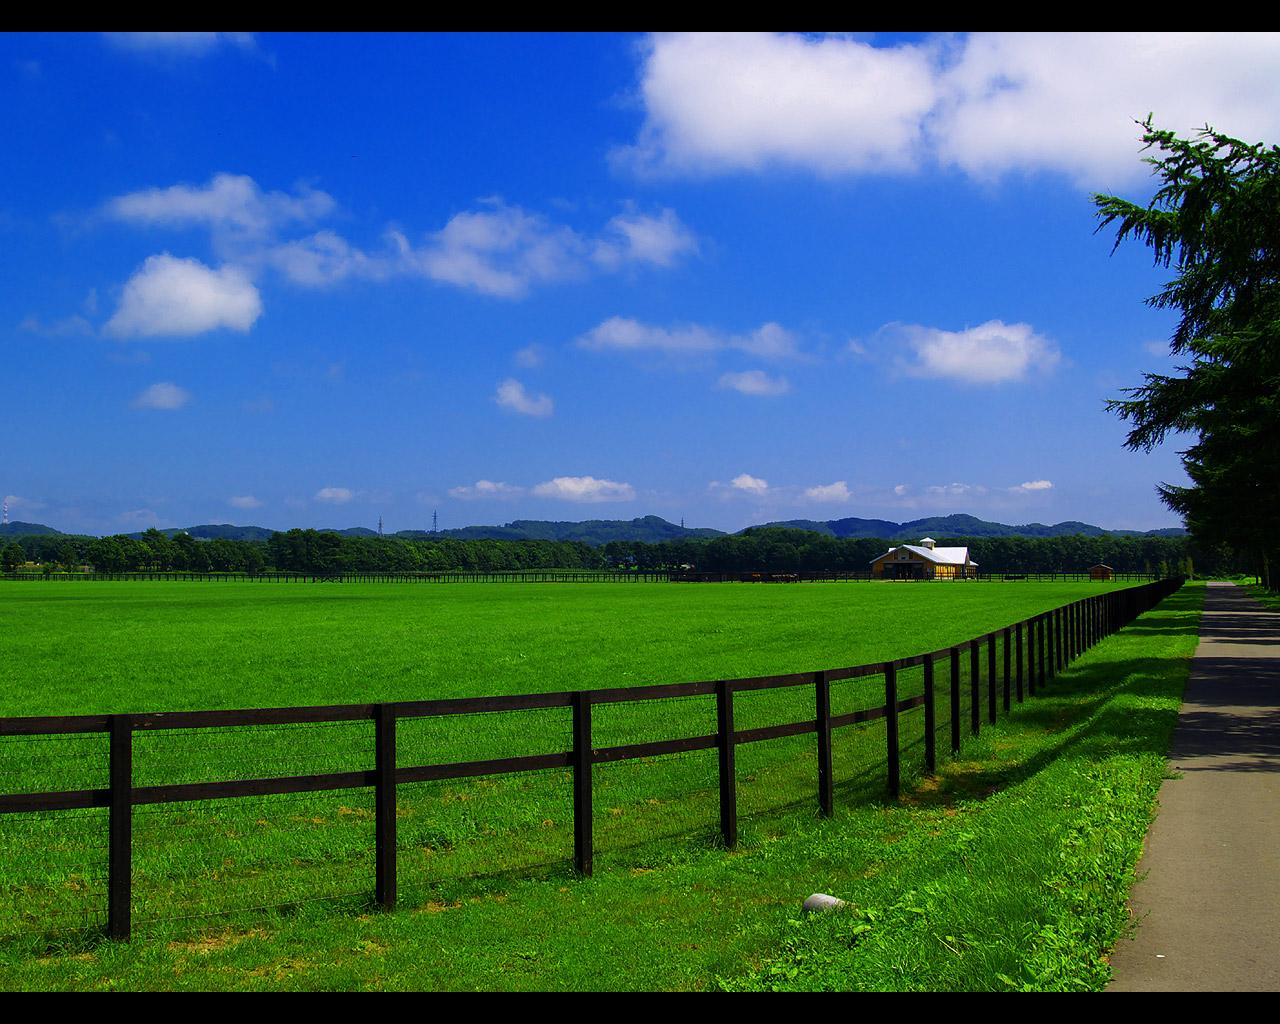 早来の馬と牧場の風景写真 写真に写ってる牧場はすべて社台グループの牧場です.とても広大な牧場です